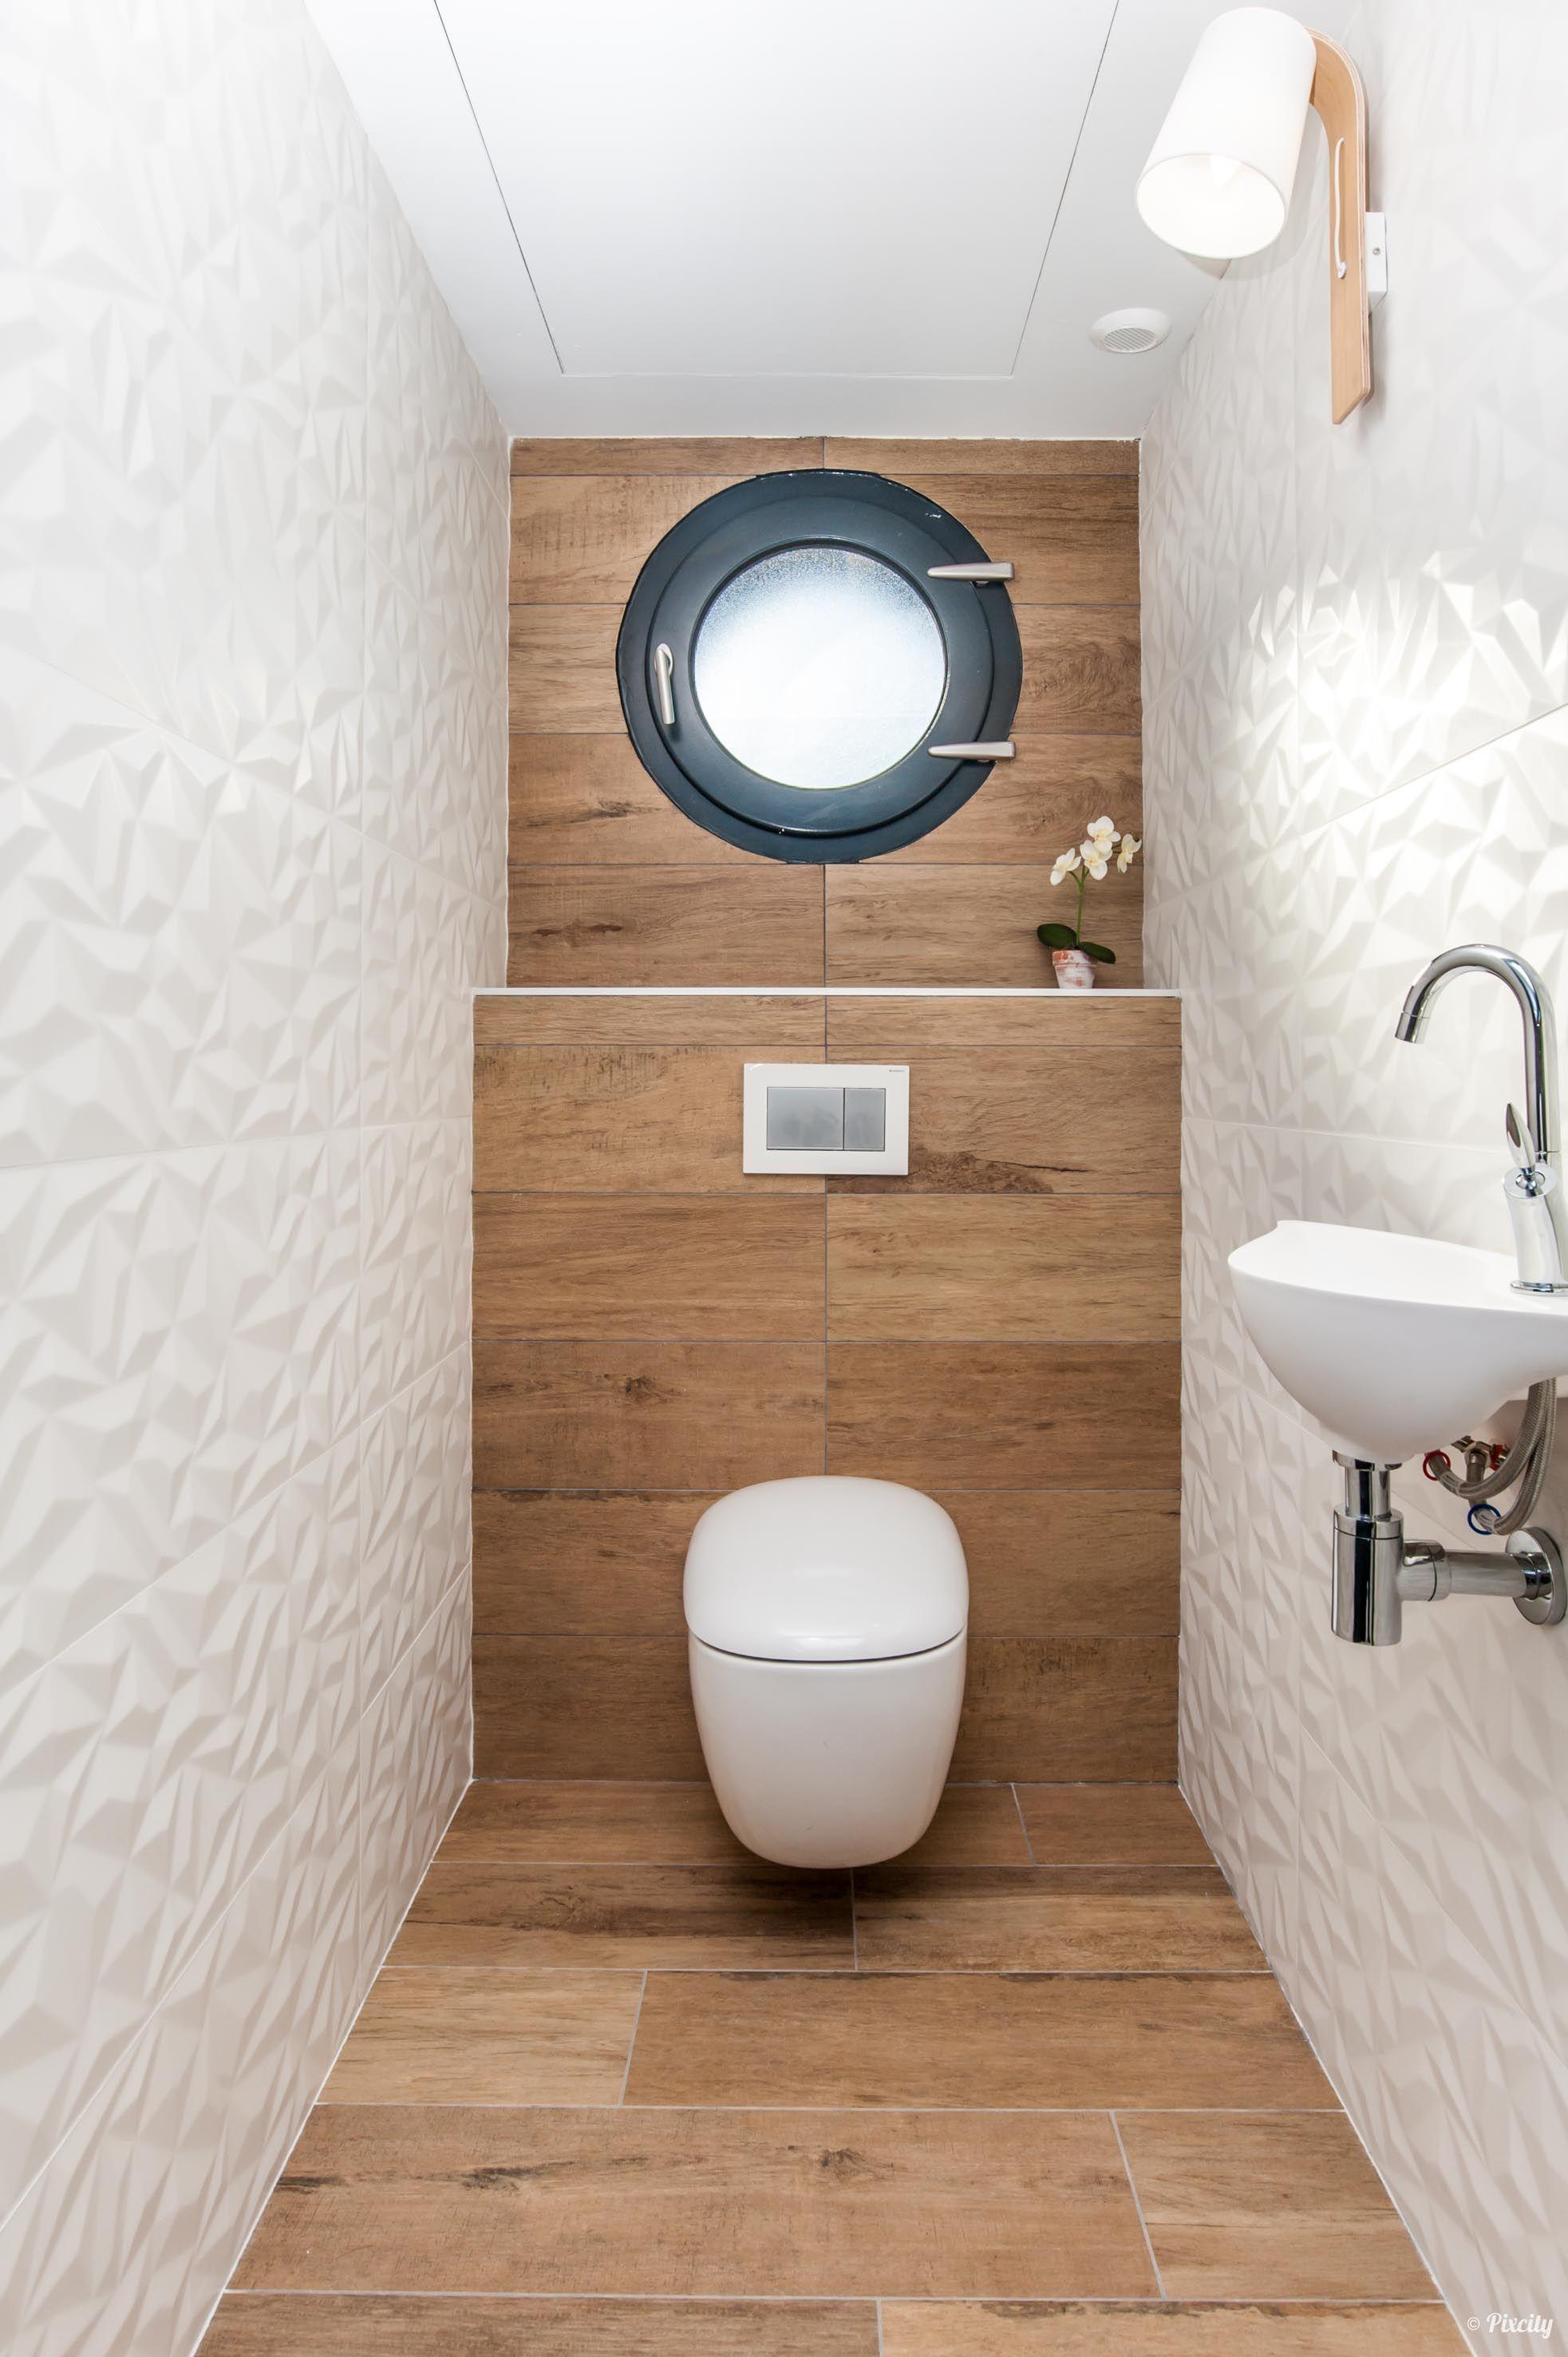 Wc avec carrelage imitation bois et carrelage blanc en relief | On ...